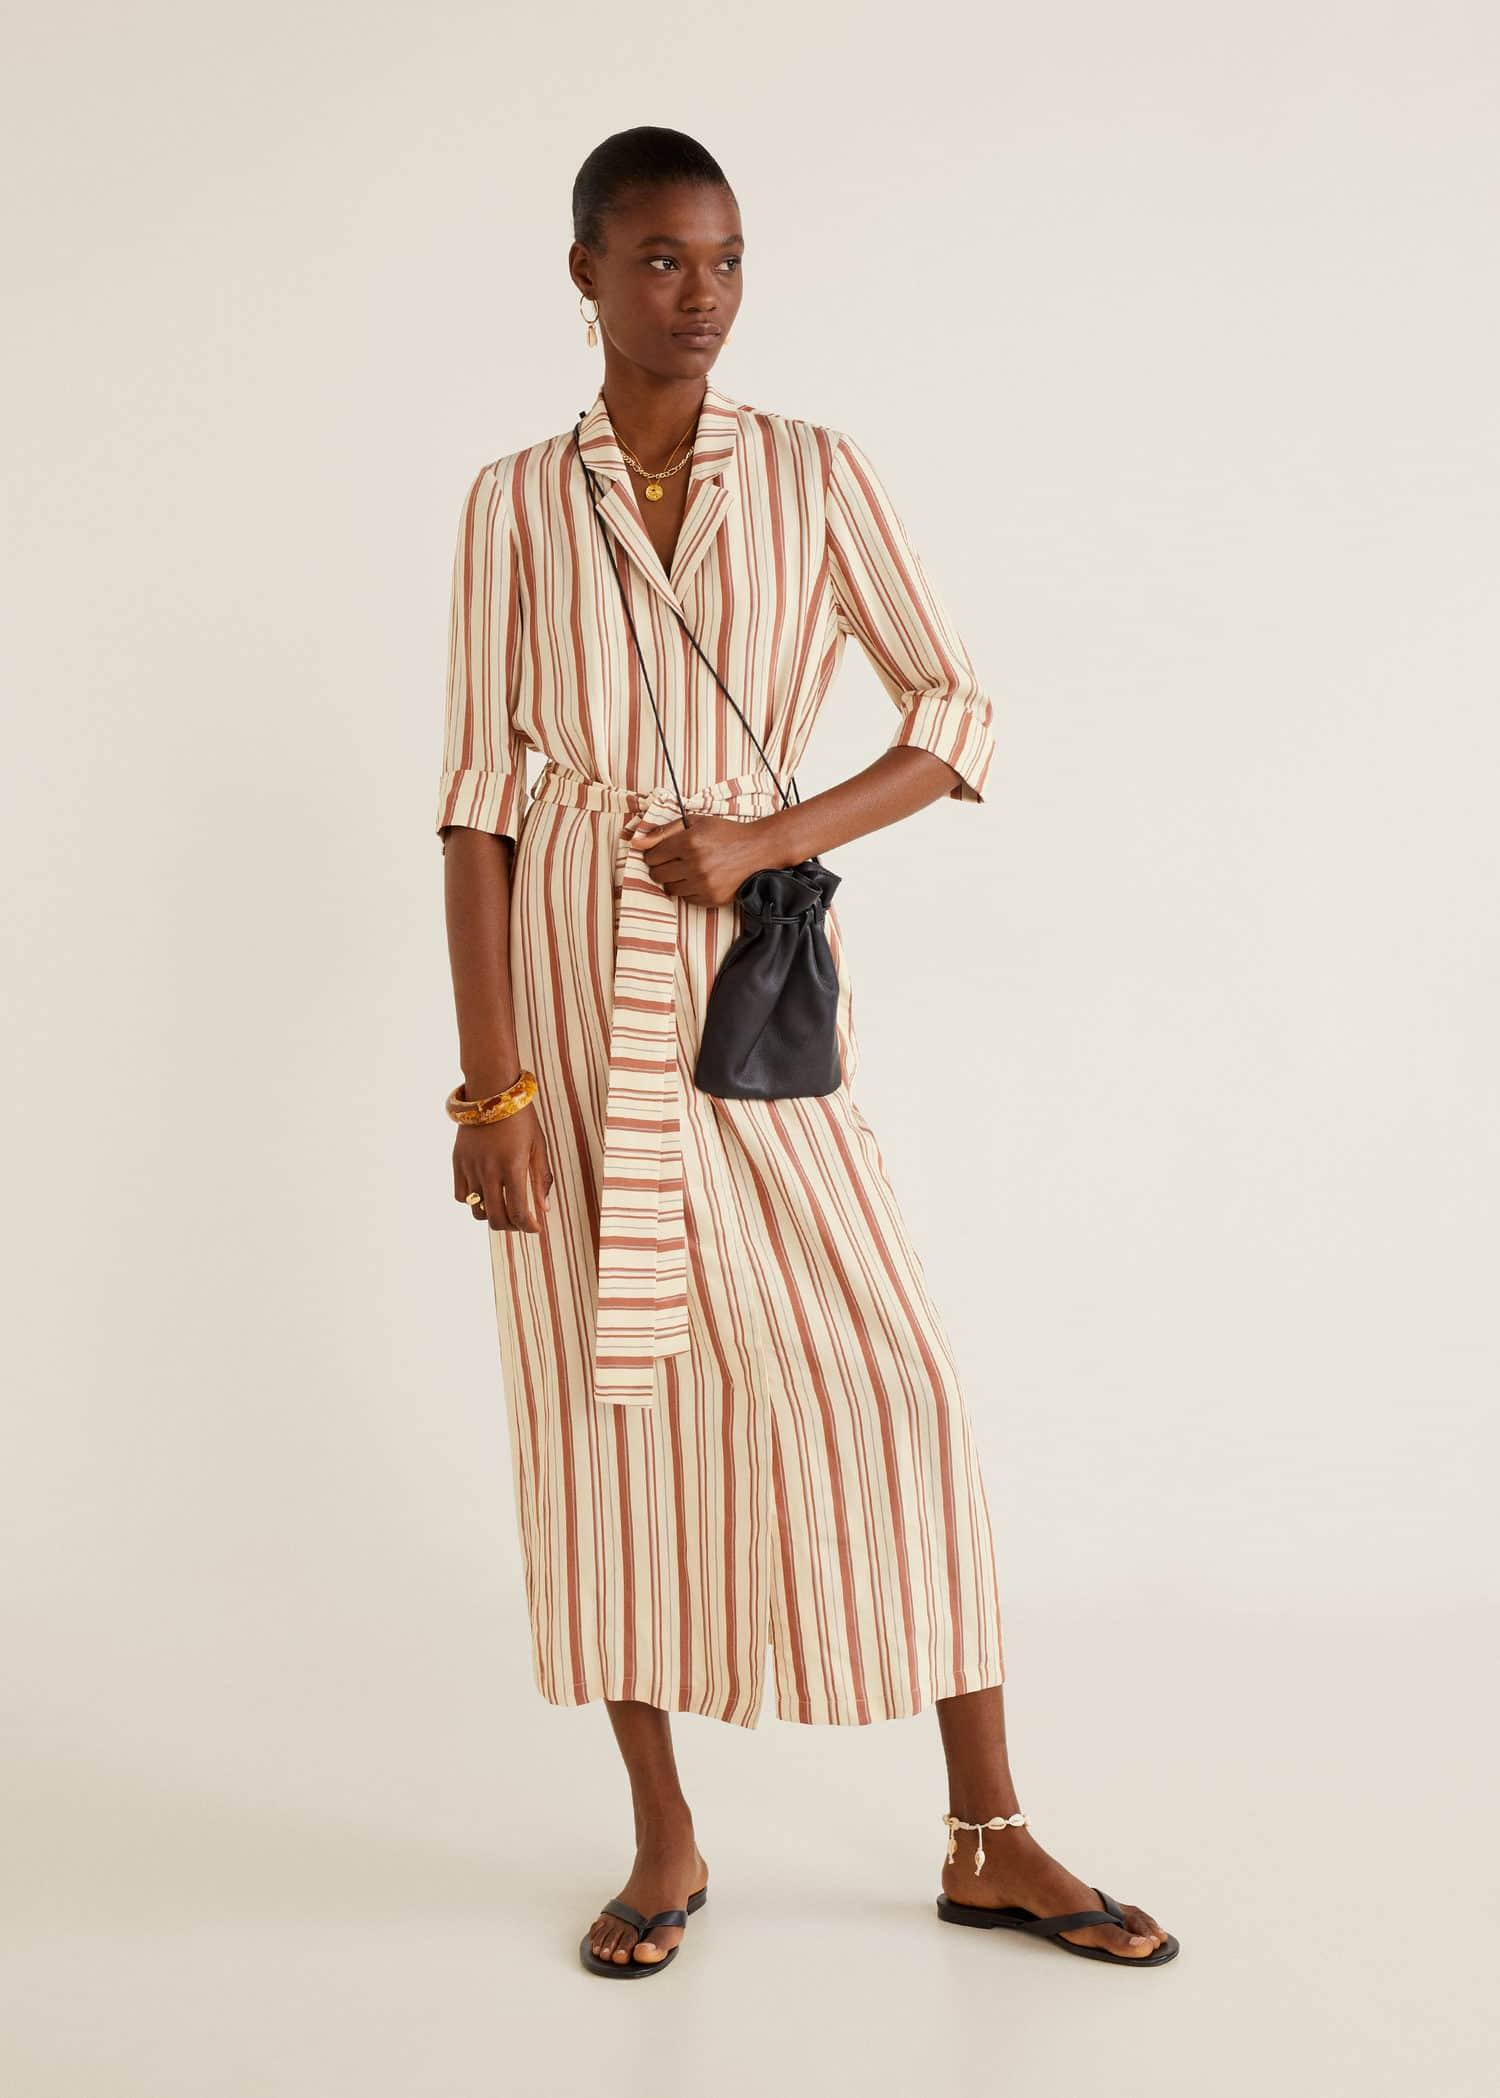 2019Mango Pour Pour Femme 2019Mango Vêtements Sénégal Vêtements Vêtements Pour Femme Sénégal wXZlOkiuPT